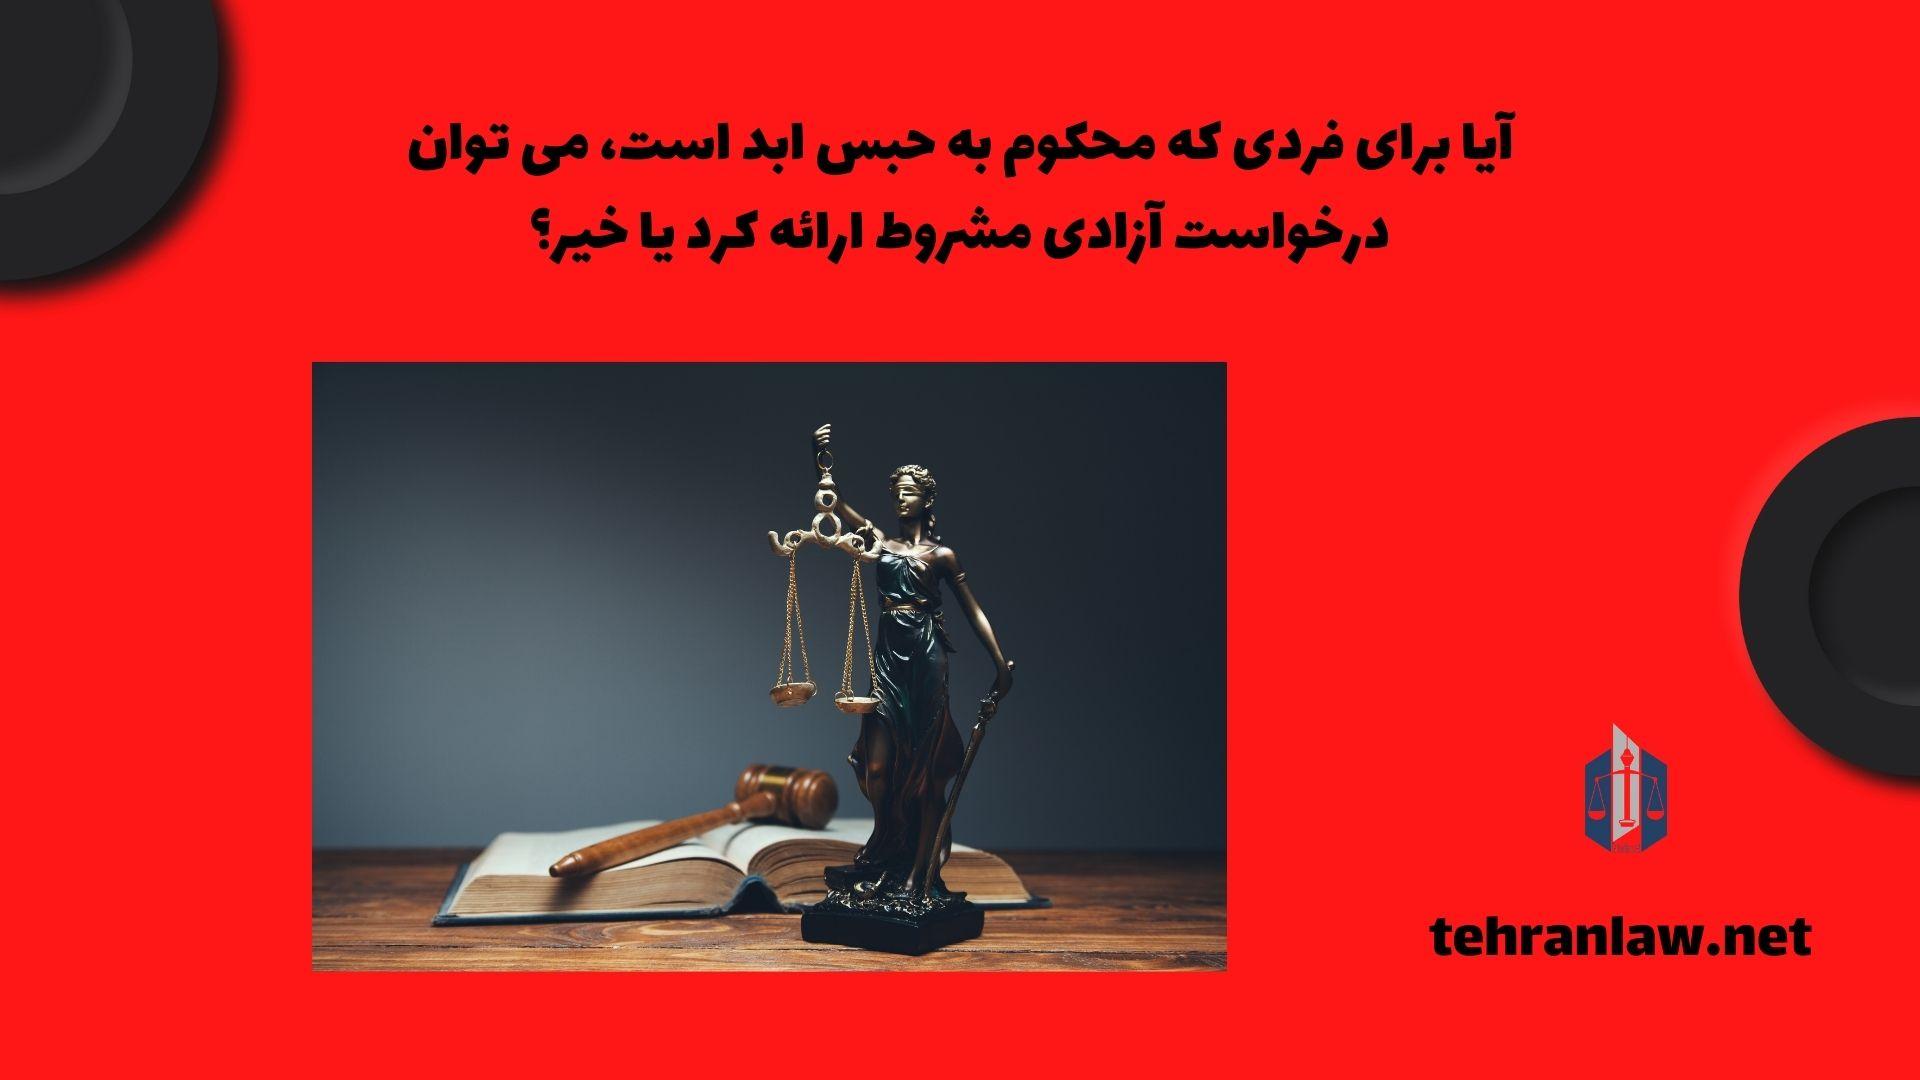 آیا برای فردی که محکوم به حبس ابد است، می توان درخواست آزادی مشروط ارائه کرد یا خیر؟